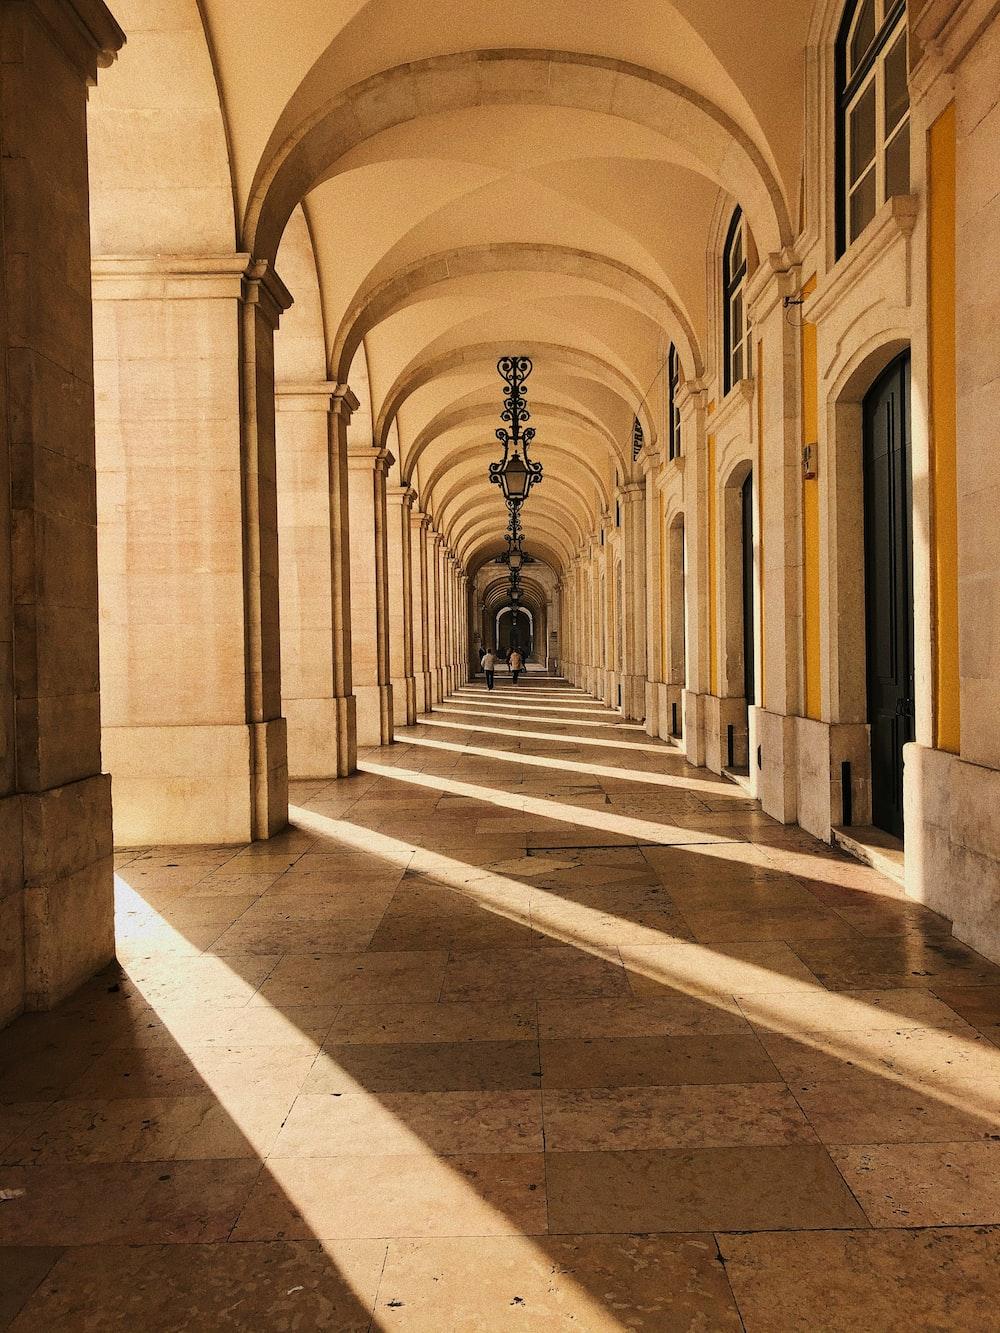 hallway during daytime